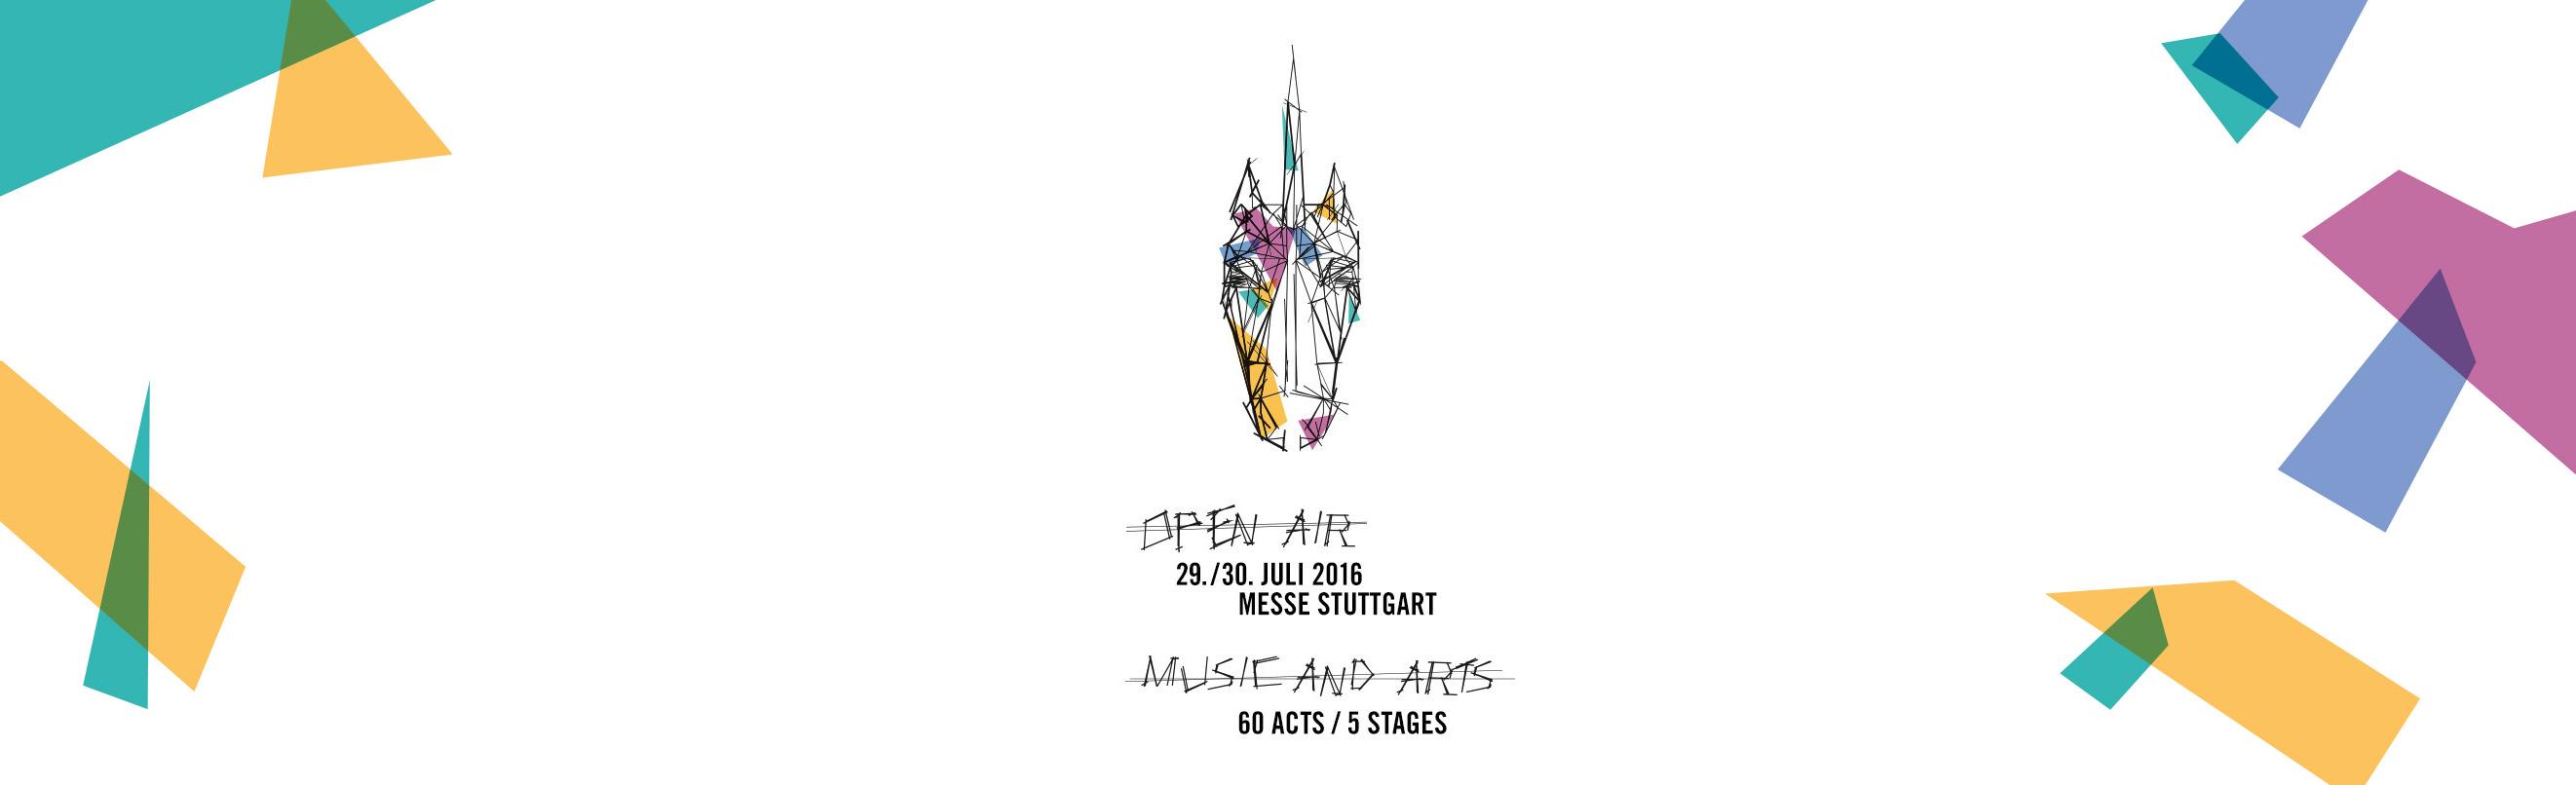 Stuttgart Festival 2016 mobil